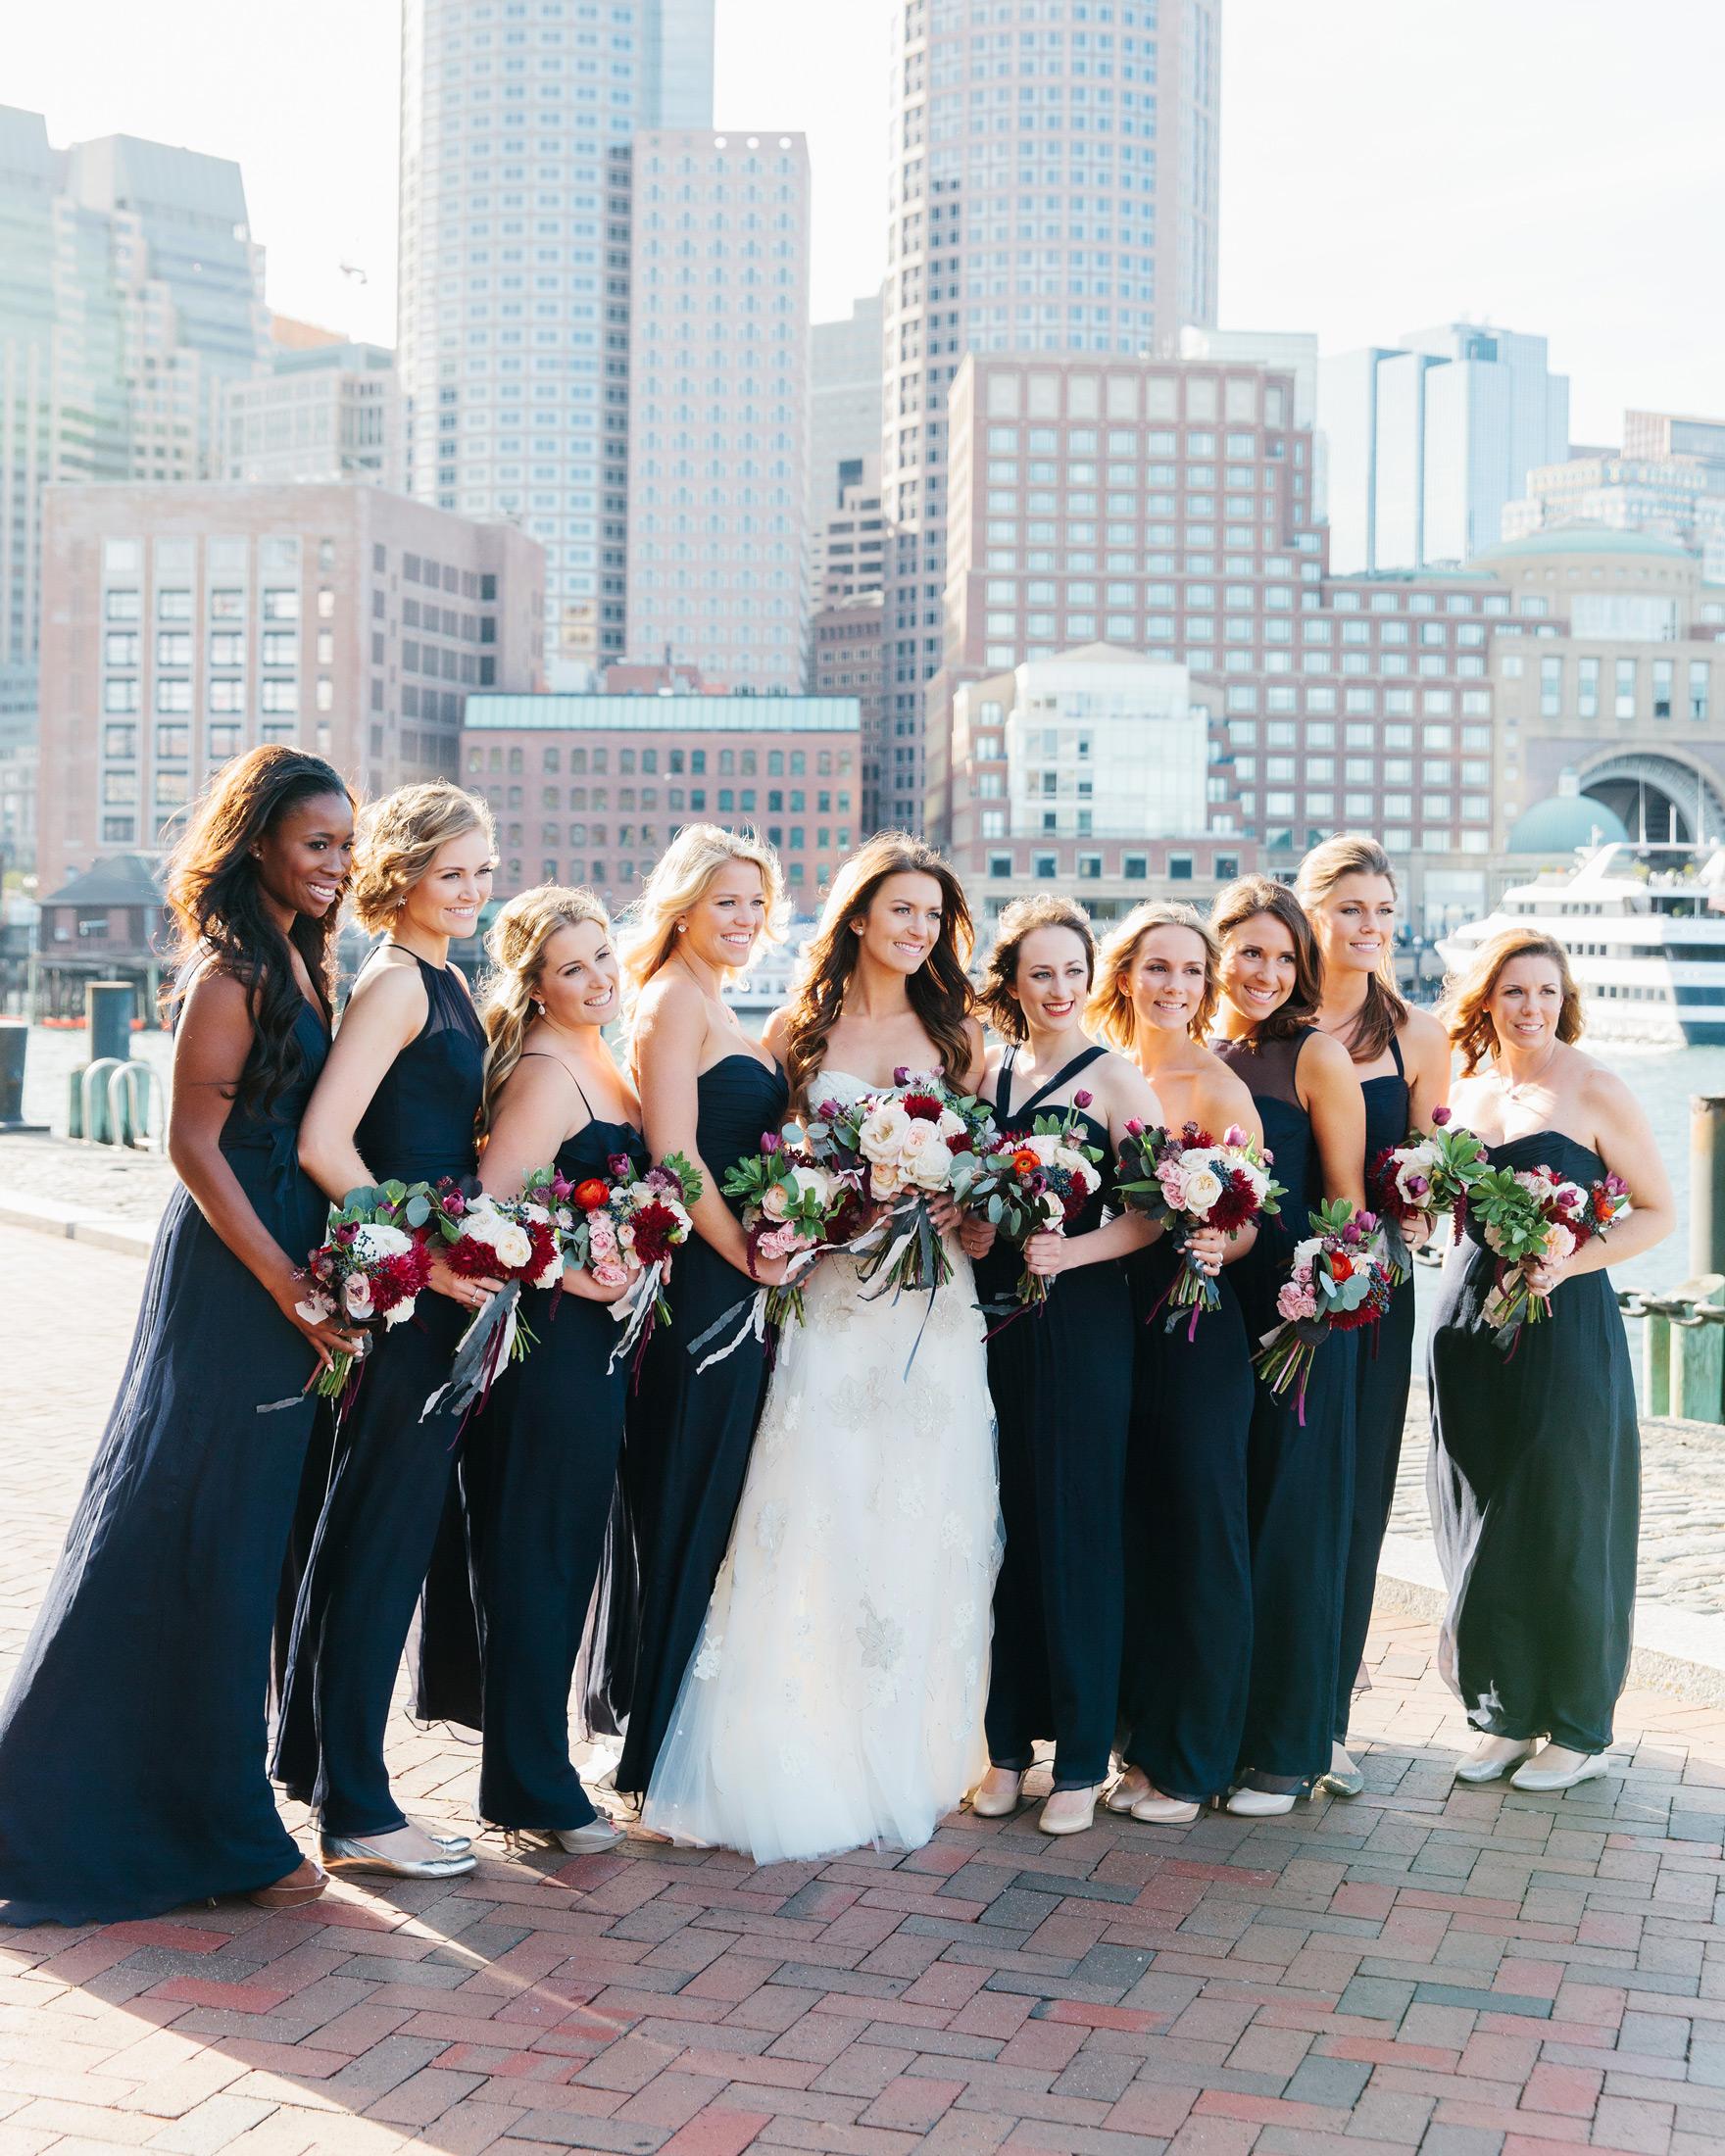 danielle-brian-wedding-bridesmaids-0438-s113001-0616.jpg